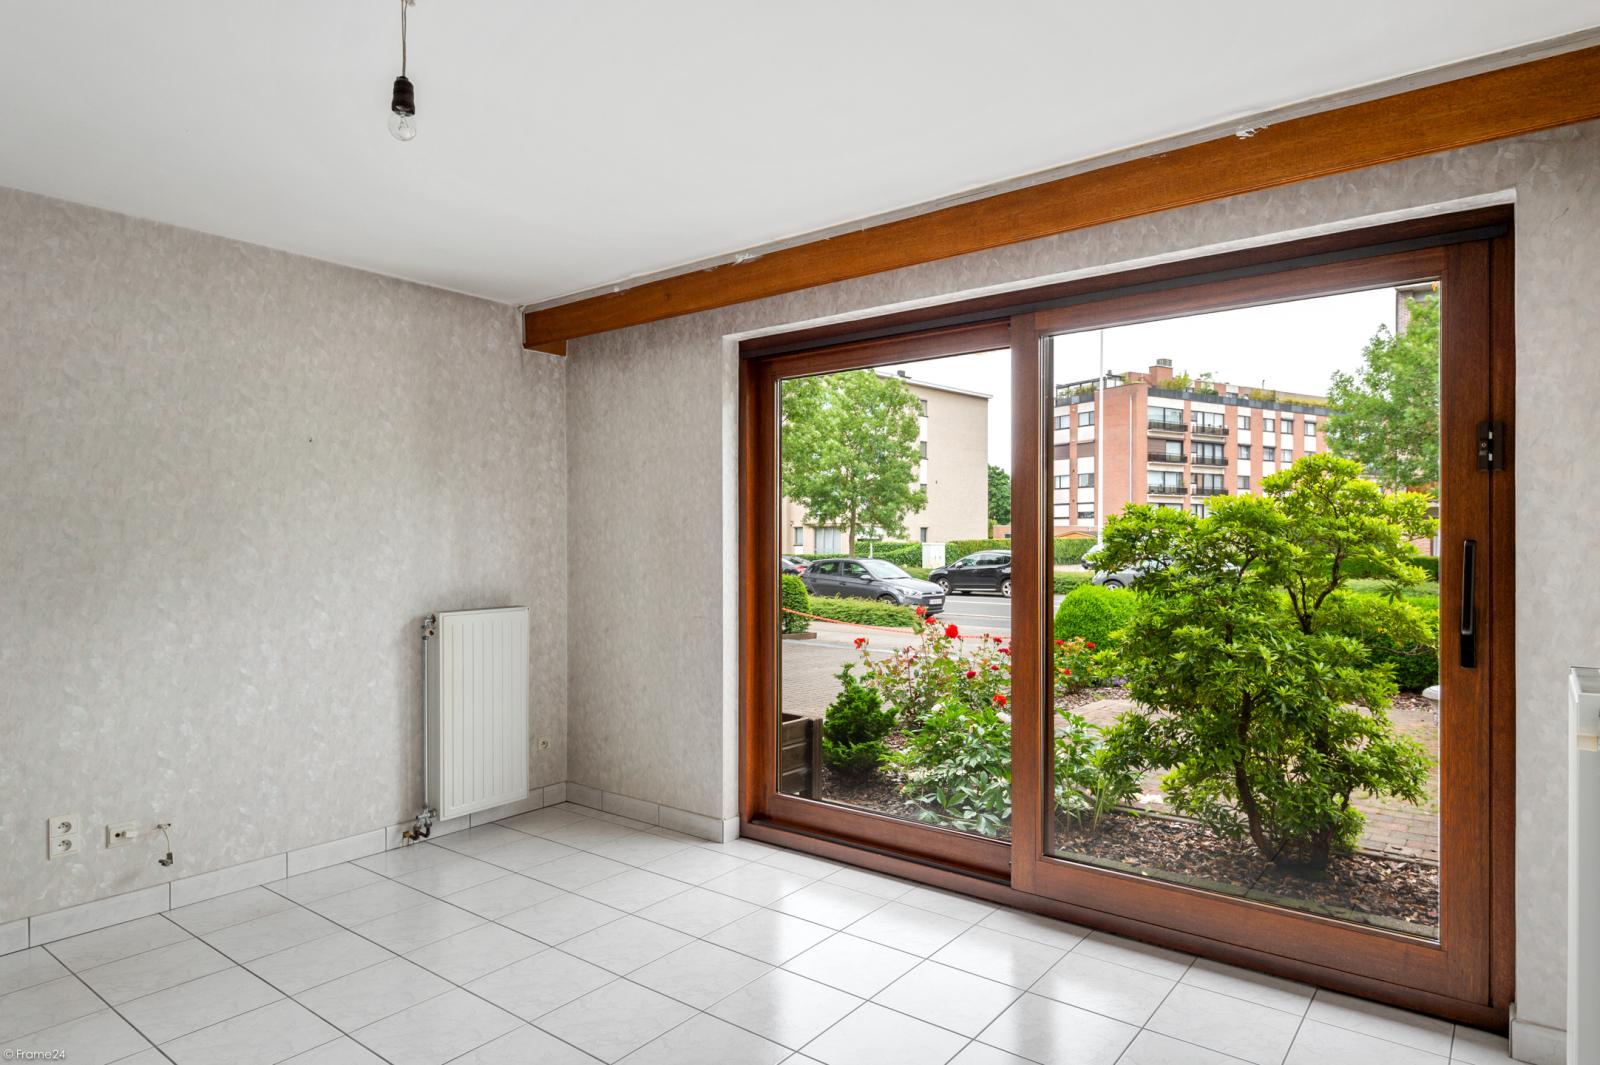 Zeer verzorgd en ruim gelijkvloers appartement (+/- 100m²) met tuin nabij het centrum van Schoten! afbeelding 4